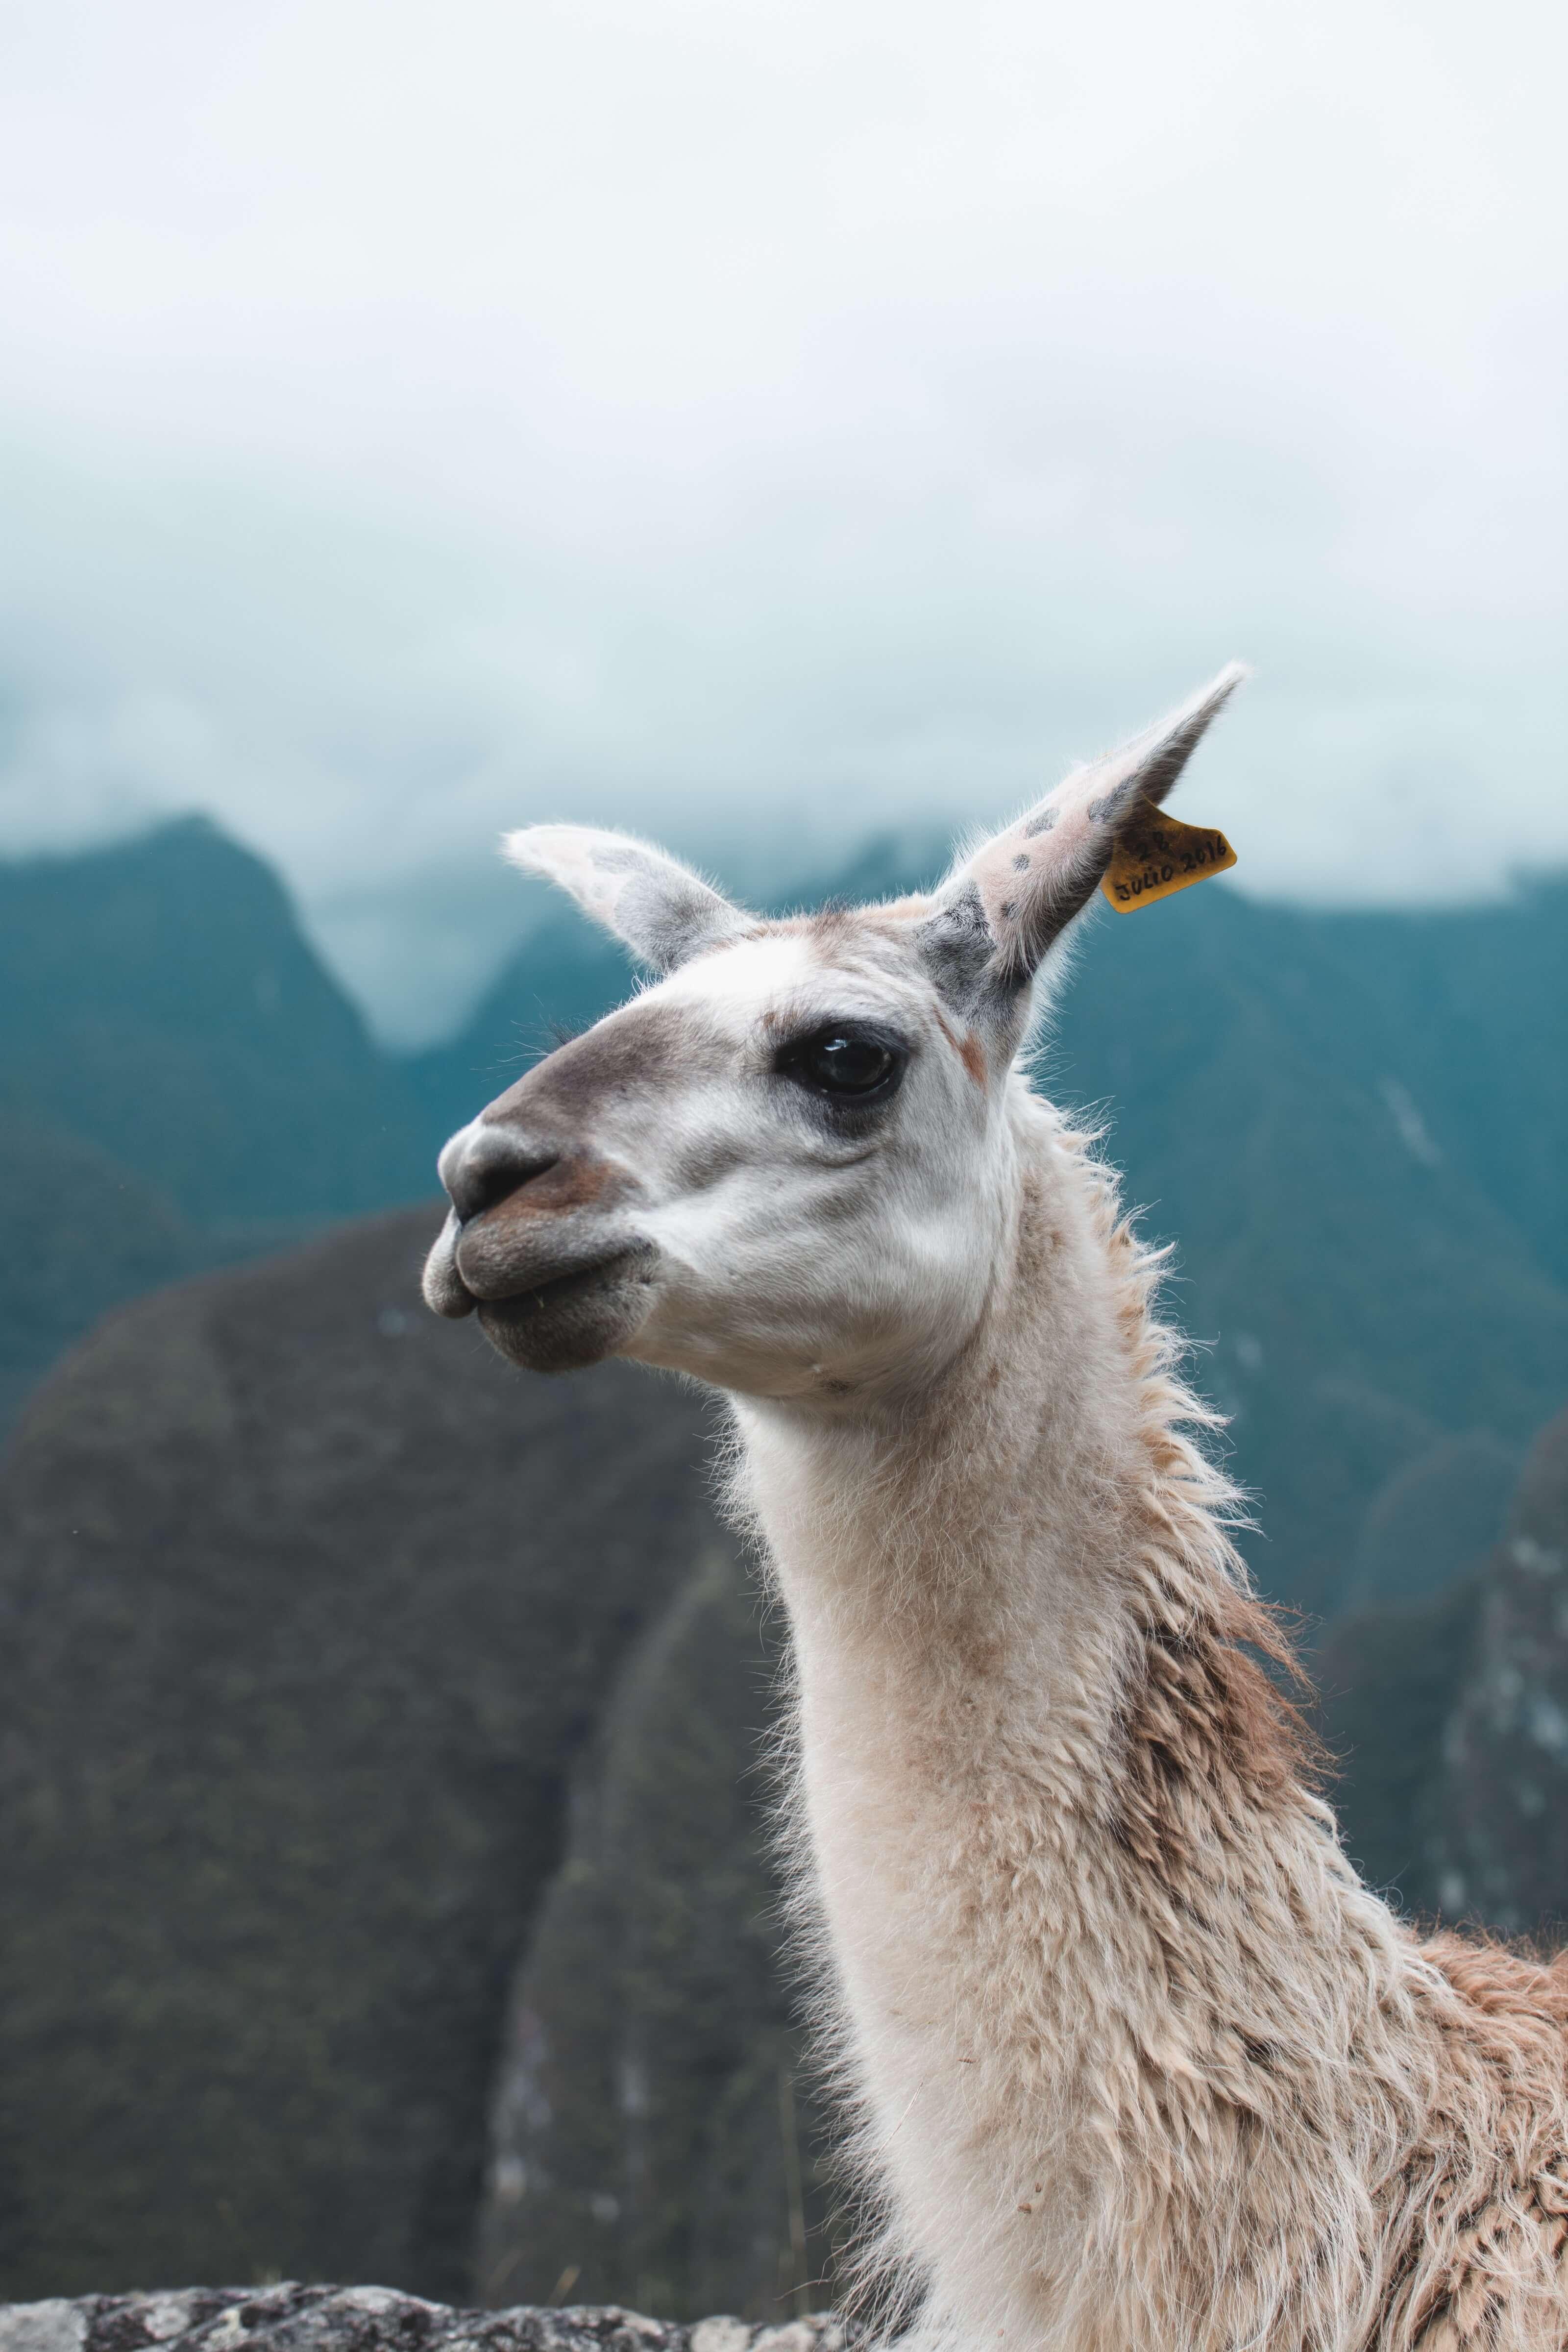 Llama at Machu Picchu in Peru